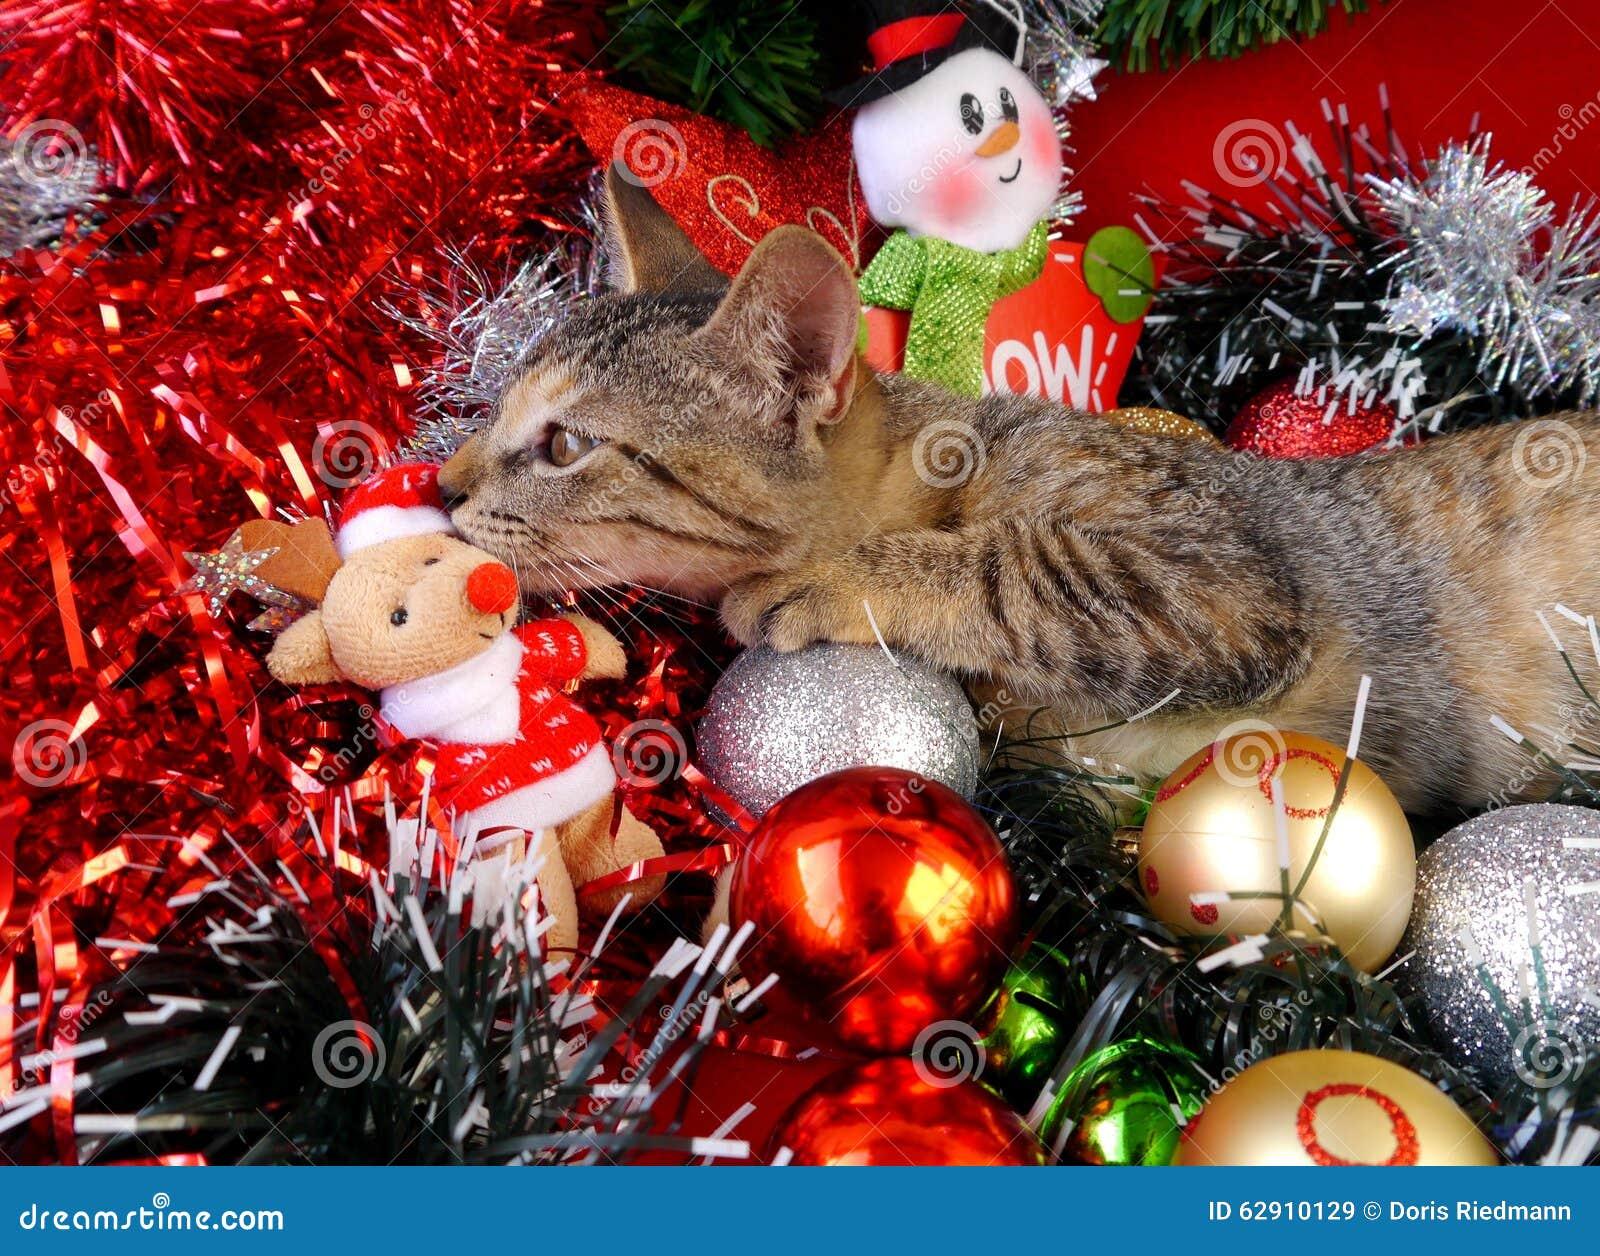 Frohe Weihnachten Katze.Frohe Weihnachten Und Ein Guten Rutsch Ins Neue Jahr Kardiert Katzen